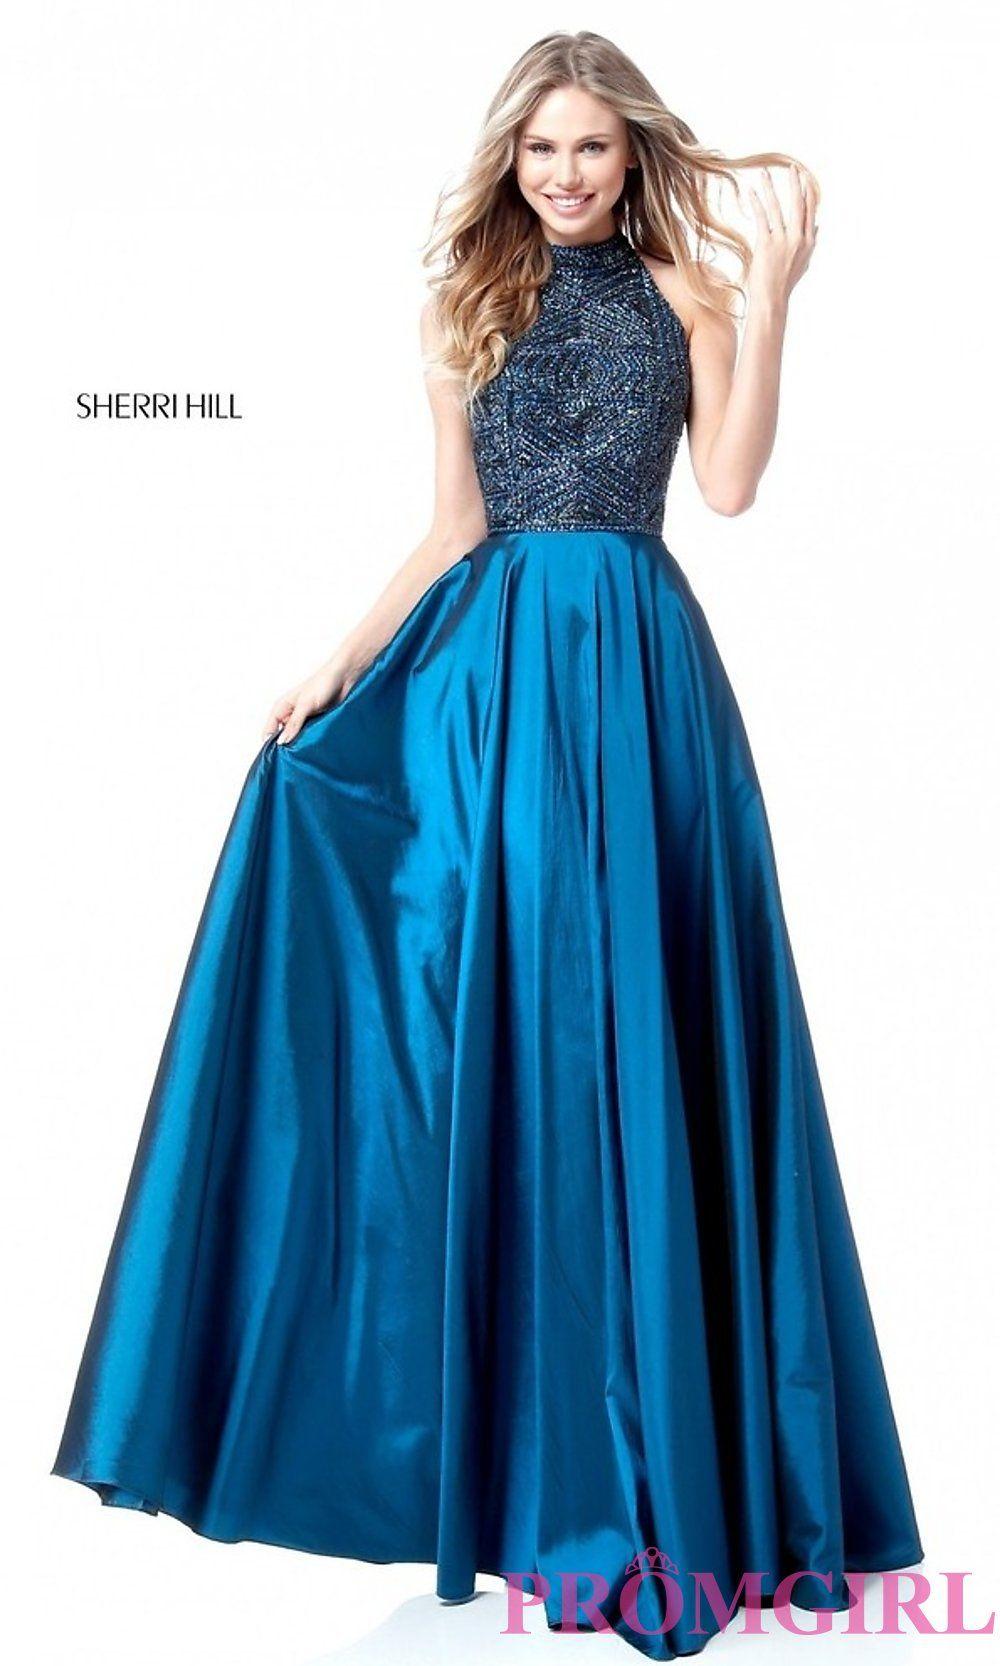 Fein Burlington Prom Kleider Fotos - Brautkleider Ideen ...